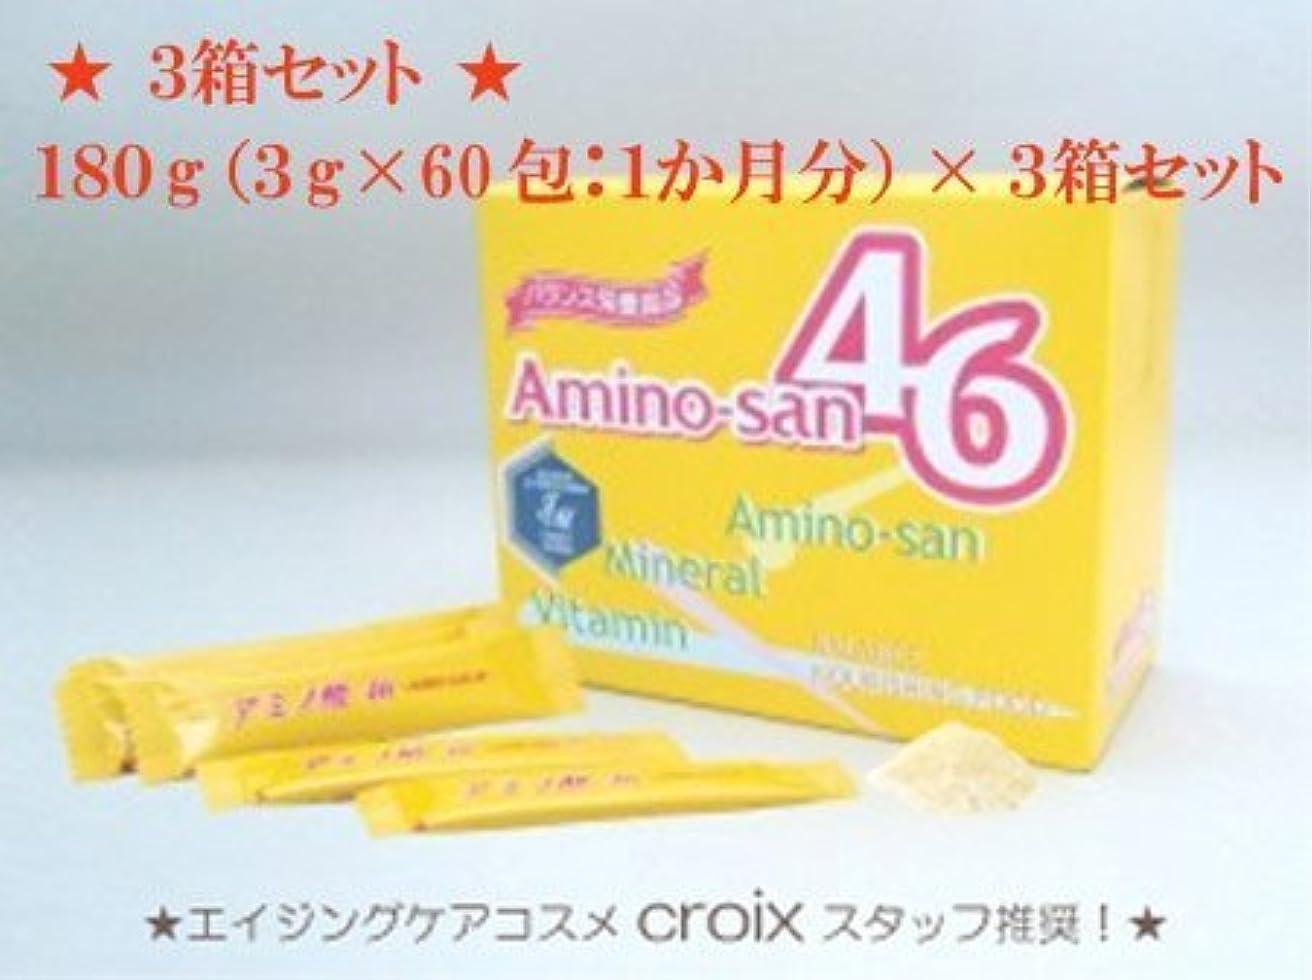 幾分知覚できる仕えるアミノ酸46 3g×60本(1か月分)×6箱セット ポーレン(蜂蜜花粉)含有サプリメント